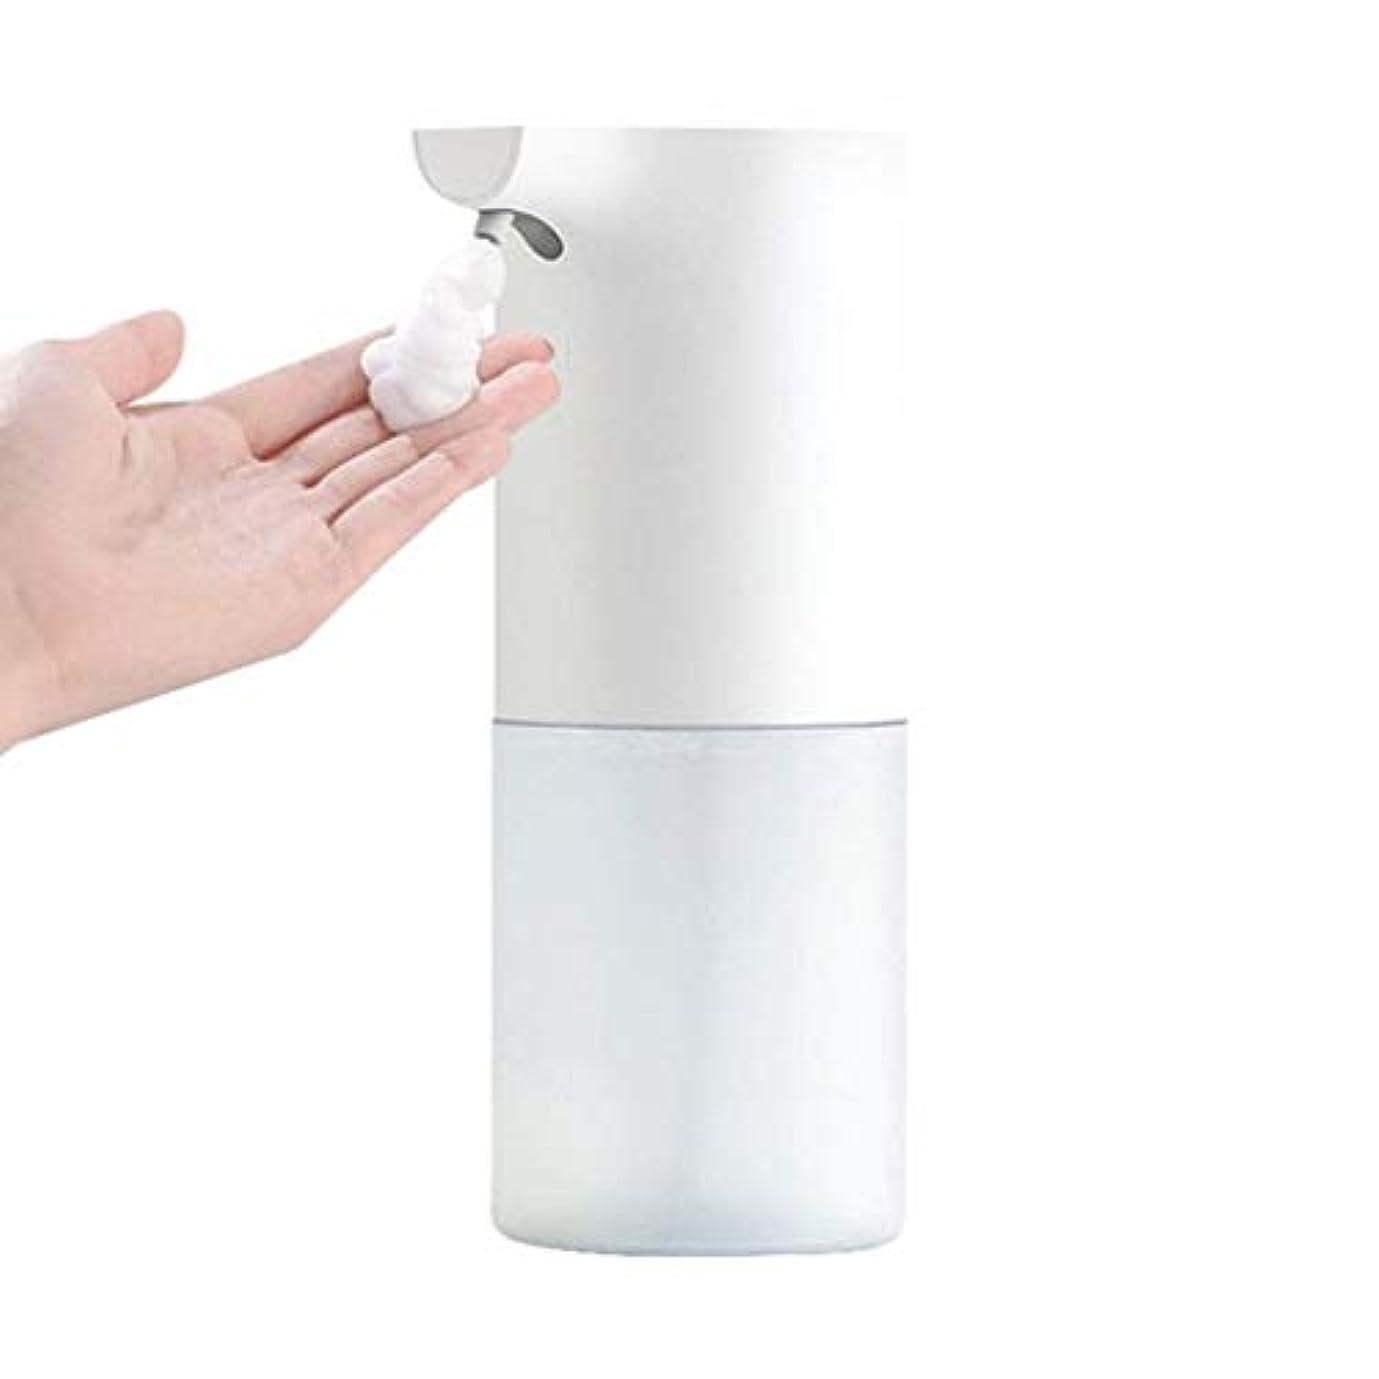 刺すモディッシュ肩をすくめる誘導接触無料ハンドソープボトル手洗い自動洗濯携帯電話浴室キッチンプラスチック材料ローション(色:白、サイズ:7.3 * 7.3 * 19 cm) (Color : White, Size : 7.3*7.3*19cm)